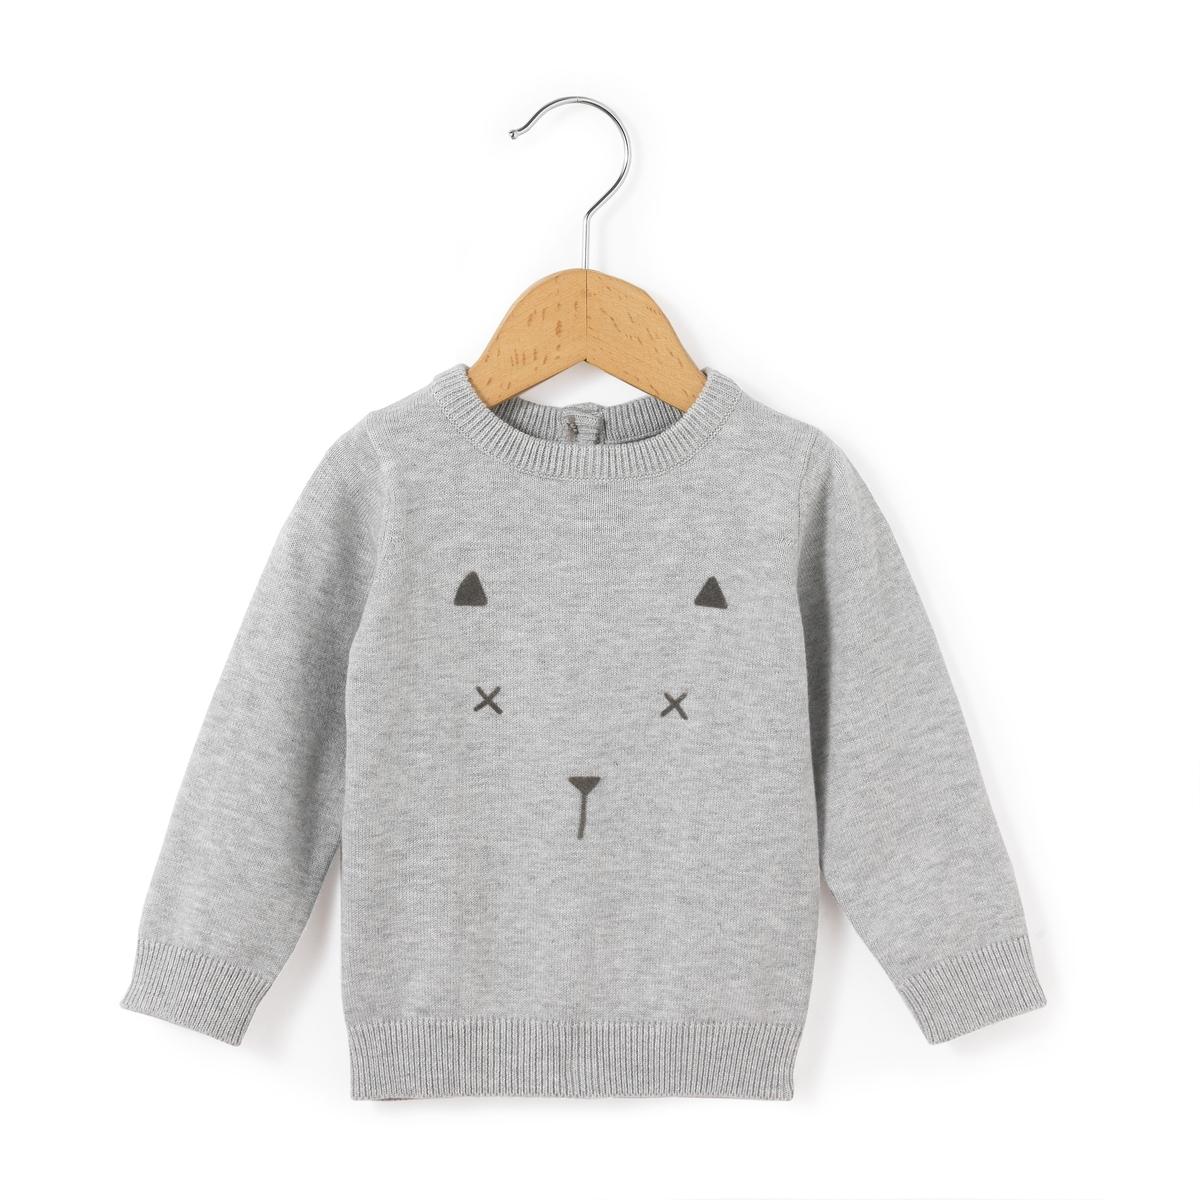 Пуловер с рисунком кошка, 0 мес. - 3 года